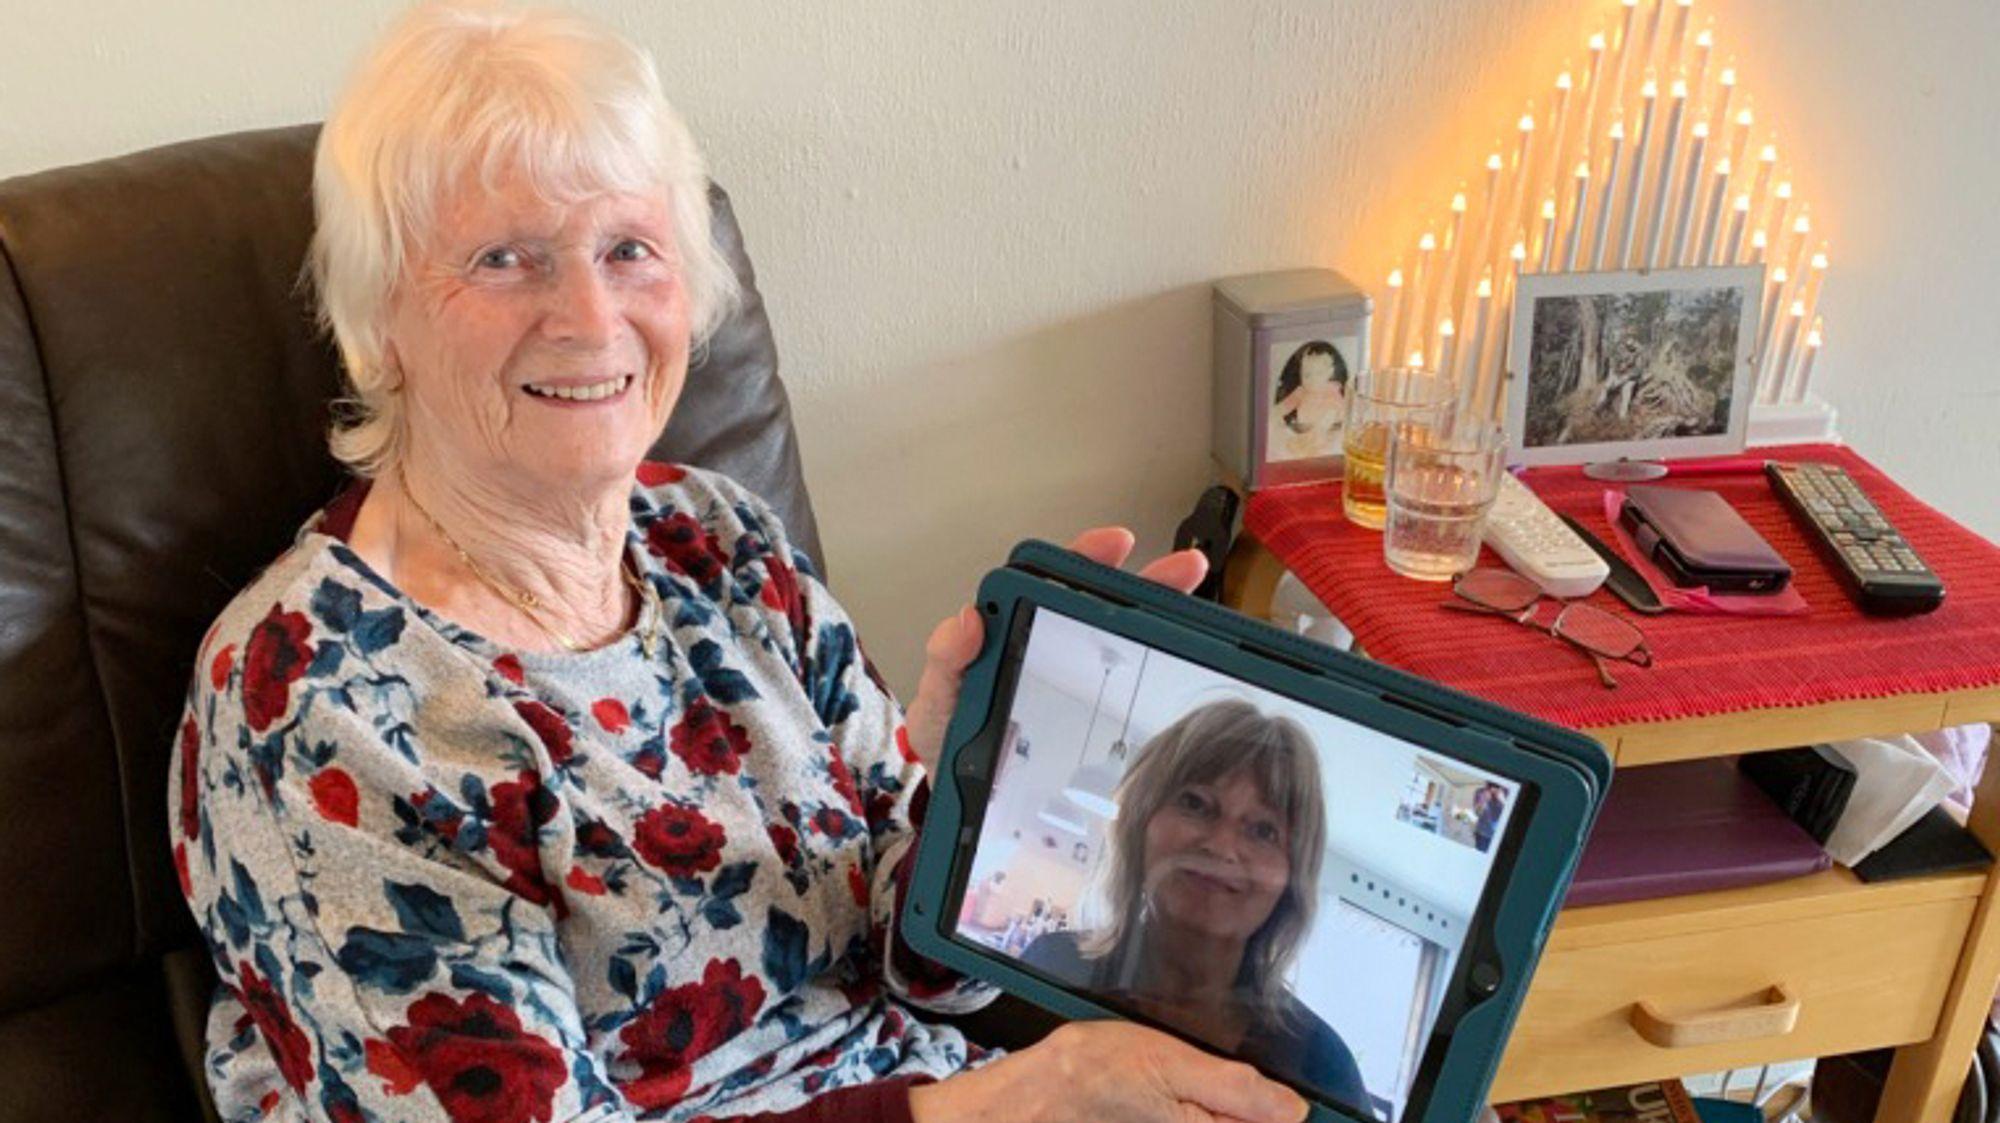 Nettbrett: Hjørdis Seland, som bor på Feda Omsorgssenter, bruker ofte nettbrettet til å kontakte barna sine via Facetime. På den måten får hun også se dem. Det betyr ekstra mye nå, siden de ikke kan stikke innom, knyttet til risikoen for korona.